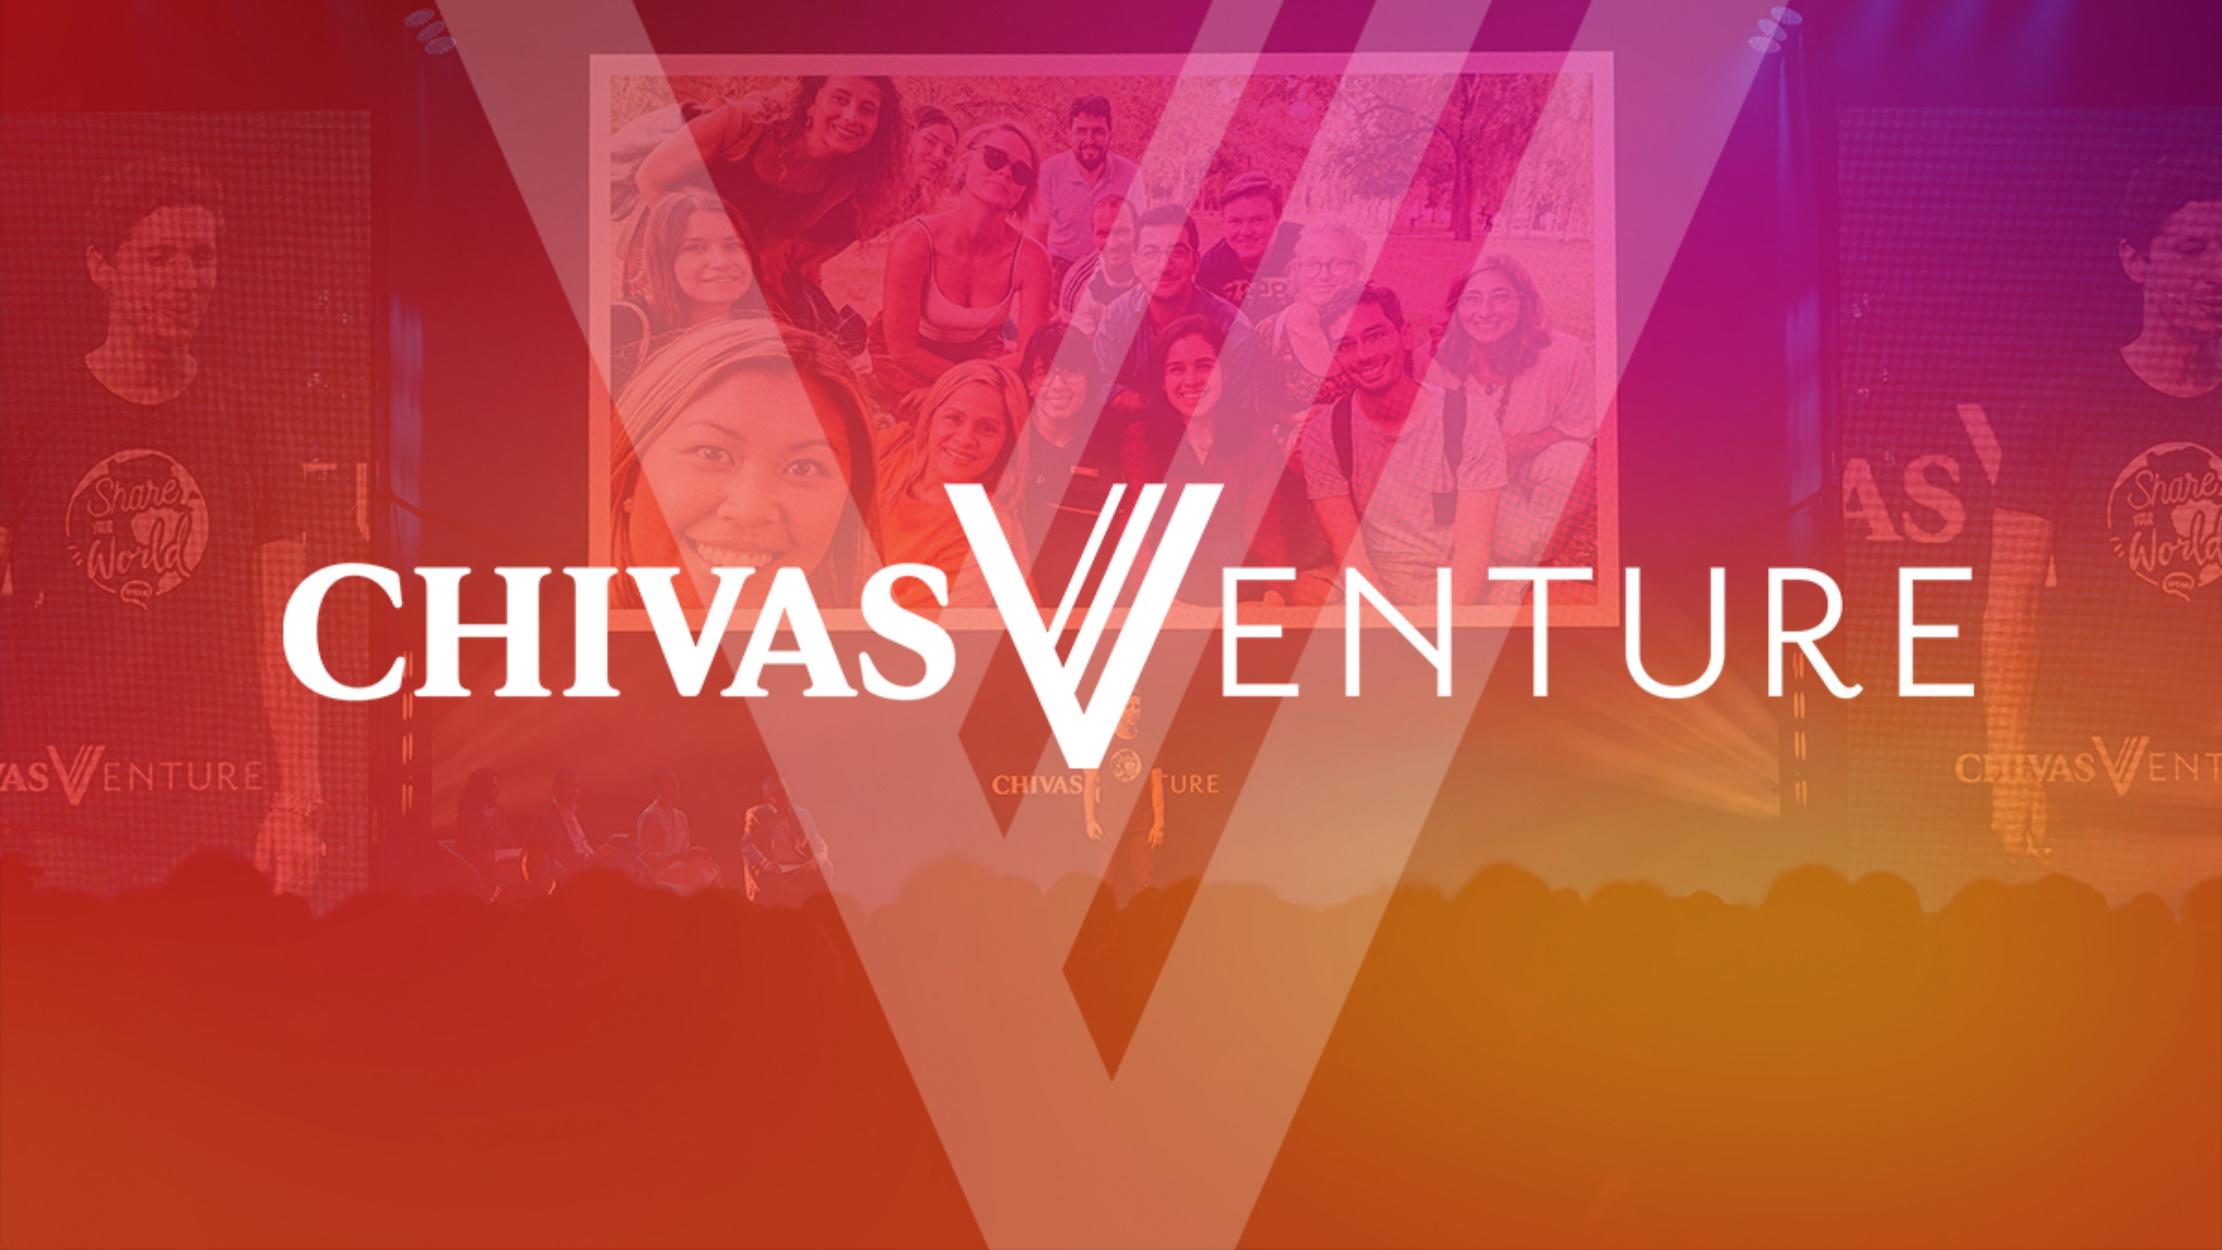 CHIVAS VENTURE: Θέλεις να αλλάξεις τον κόσμο με τη start-up σου;